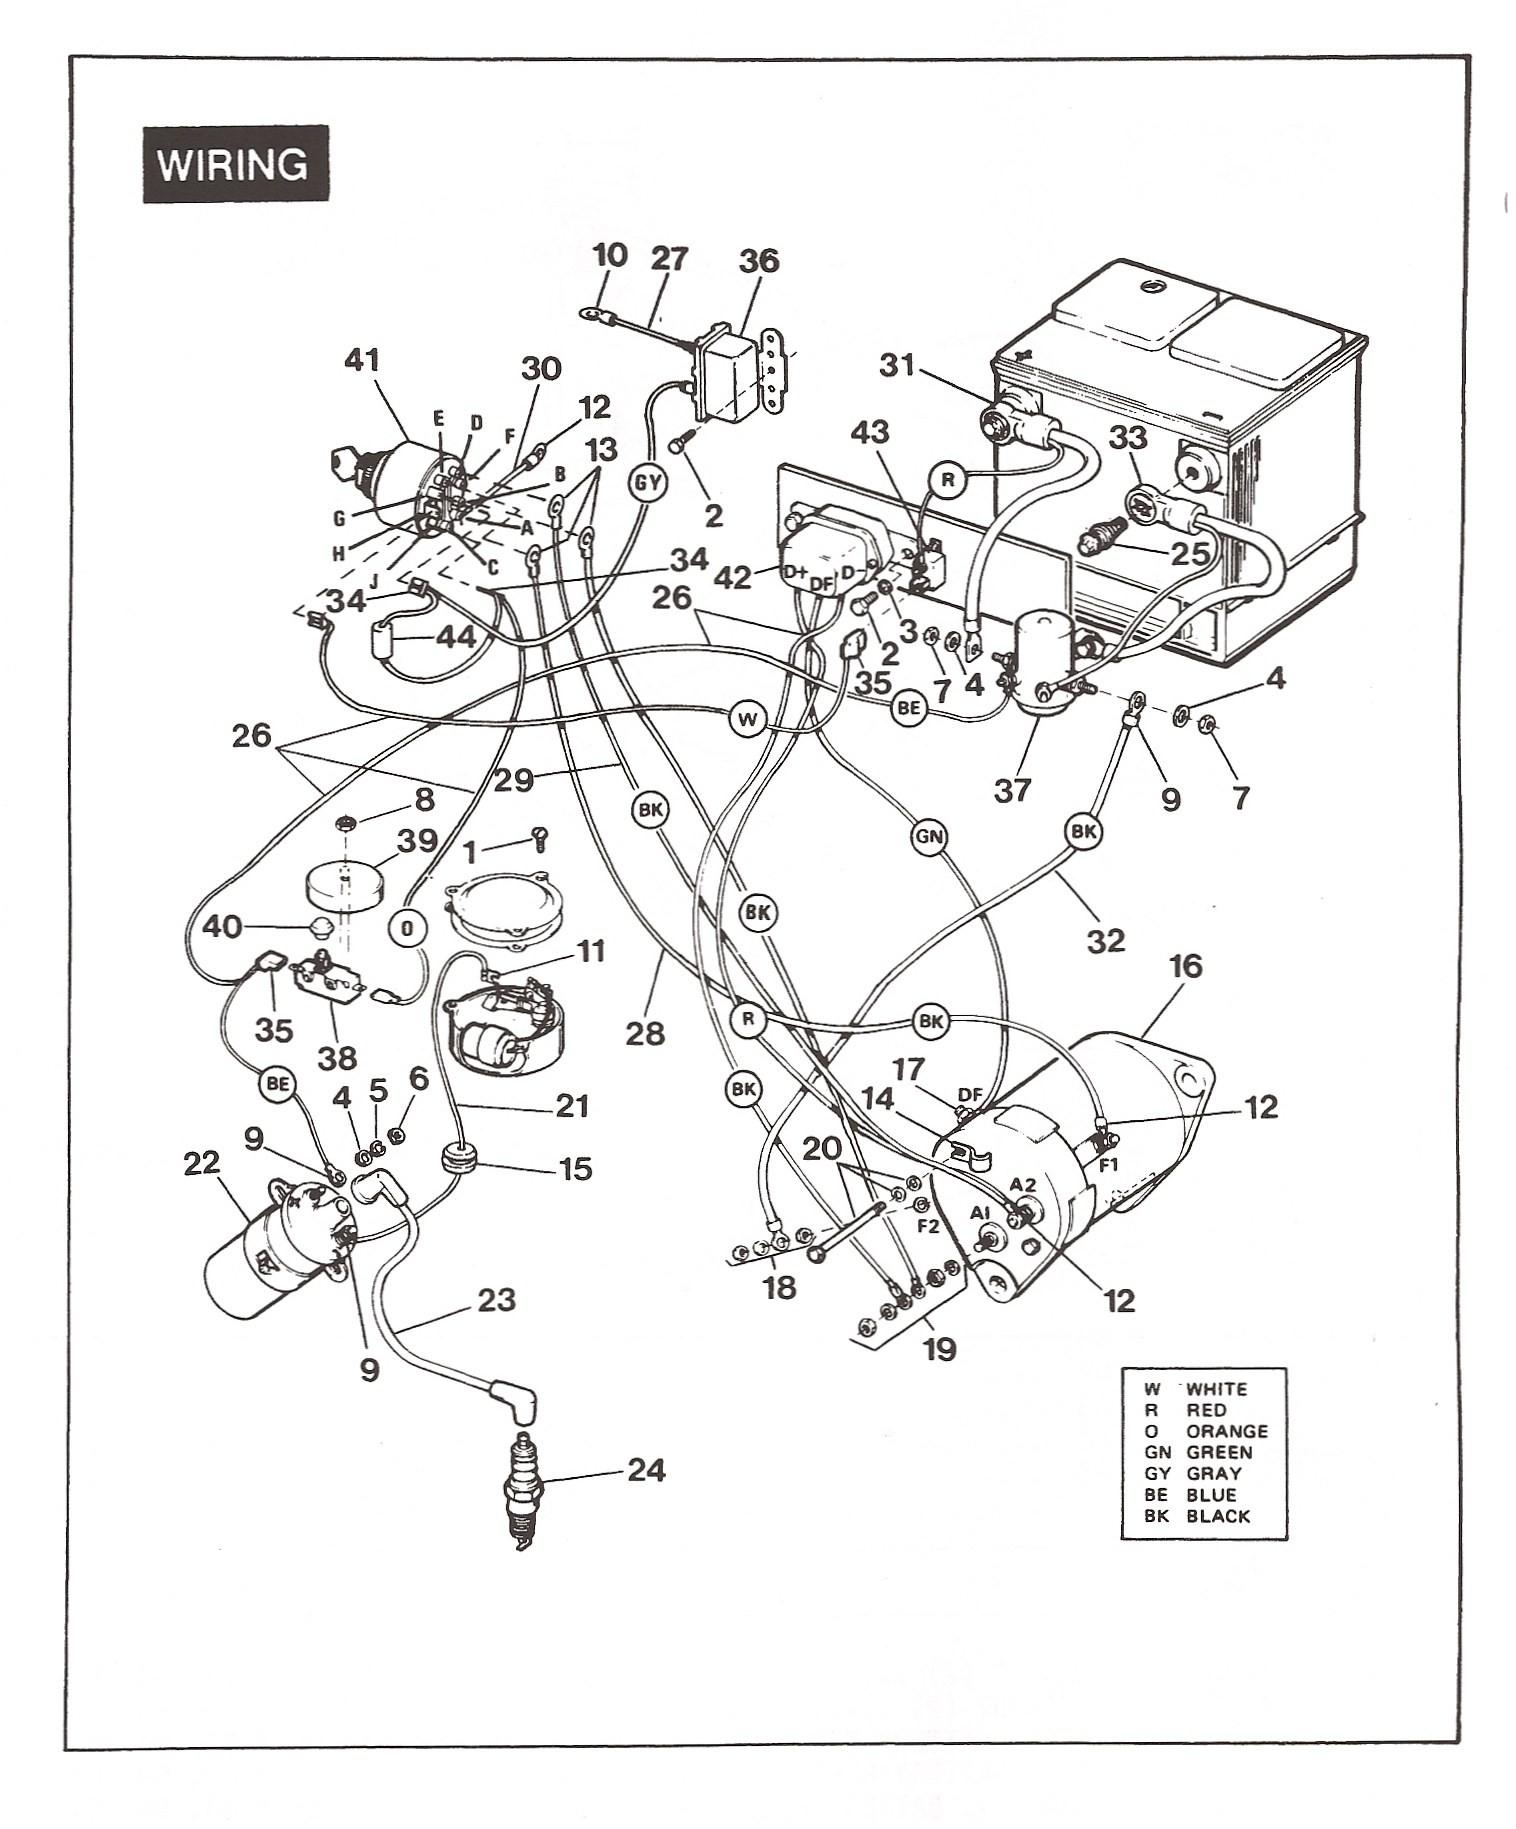 Ezgo 1989 Gas Engine Wiring Br 7770] Golf Cart Gas Engine Parts Diagrams Also 1969 Of Ezgo 1989 Gas Engine Wiring